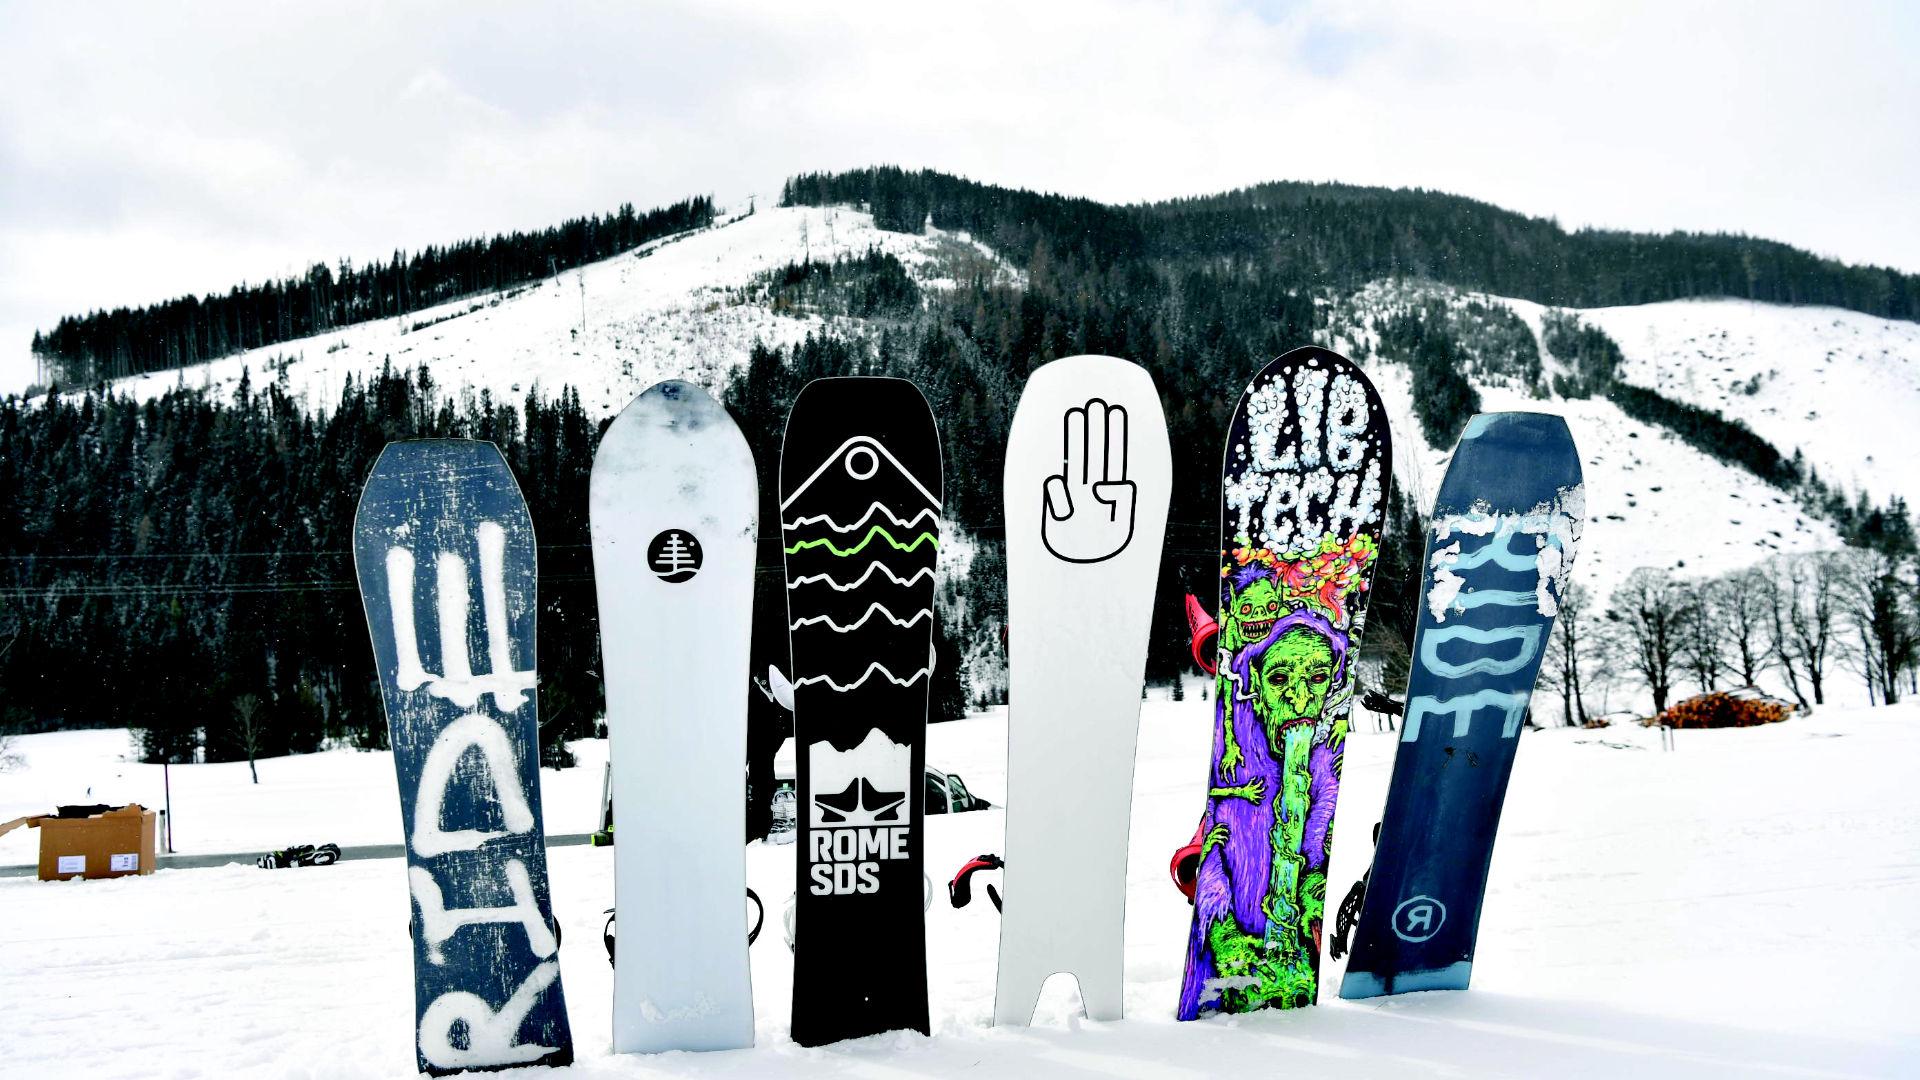 Snowboards und ihre Bases von RIDE, Burton, Rome, Bataleon und Lib Tech